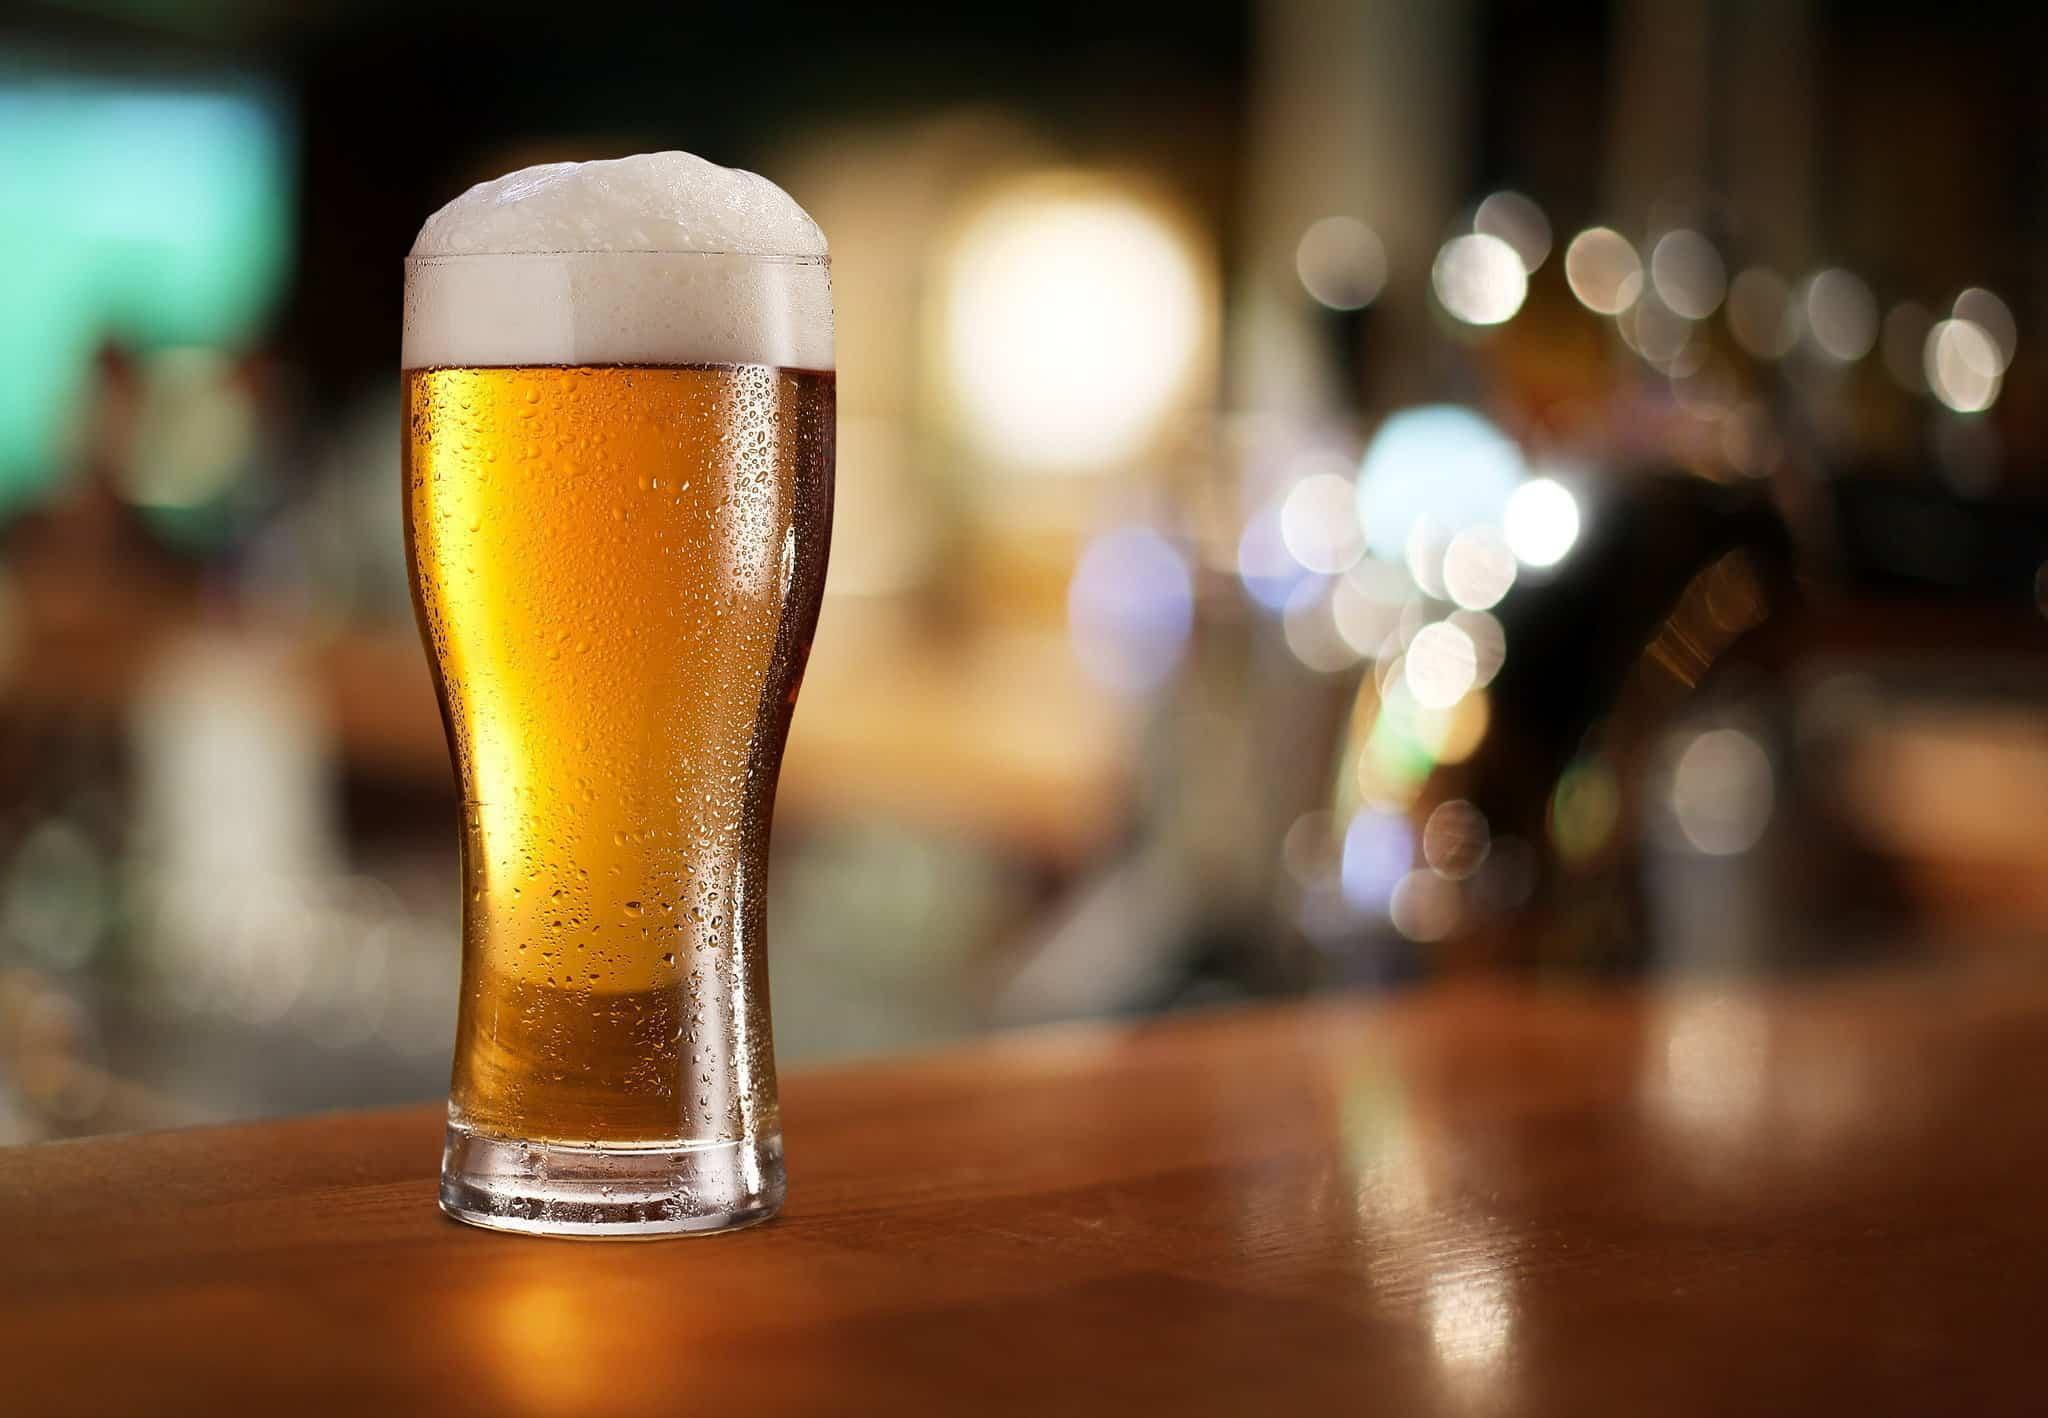 beer-glass-art-f14e09b4b2dbf137 | Tối nay đi đâu